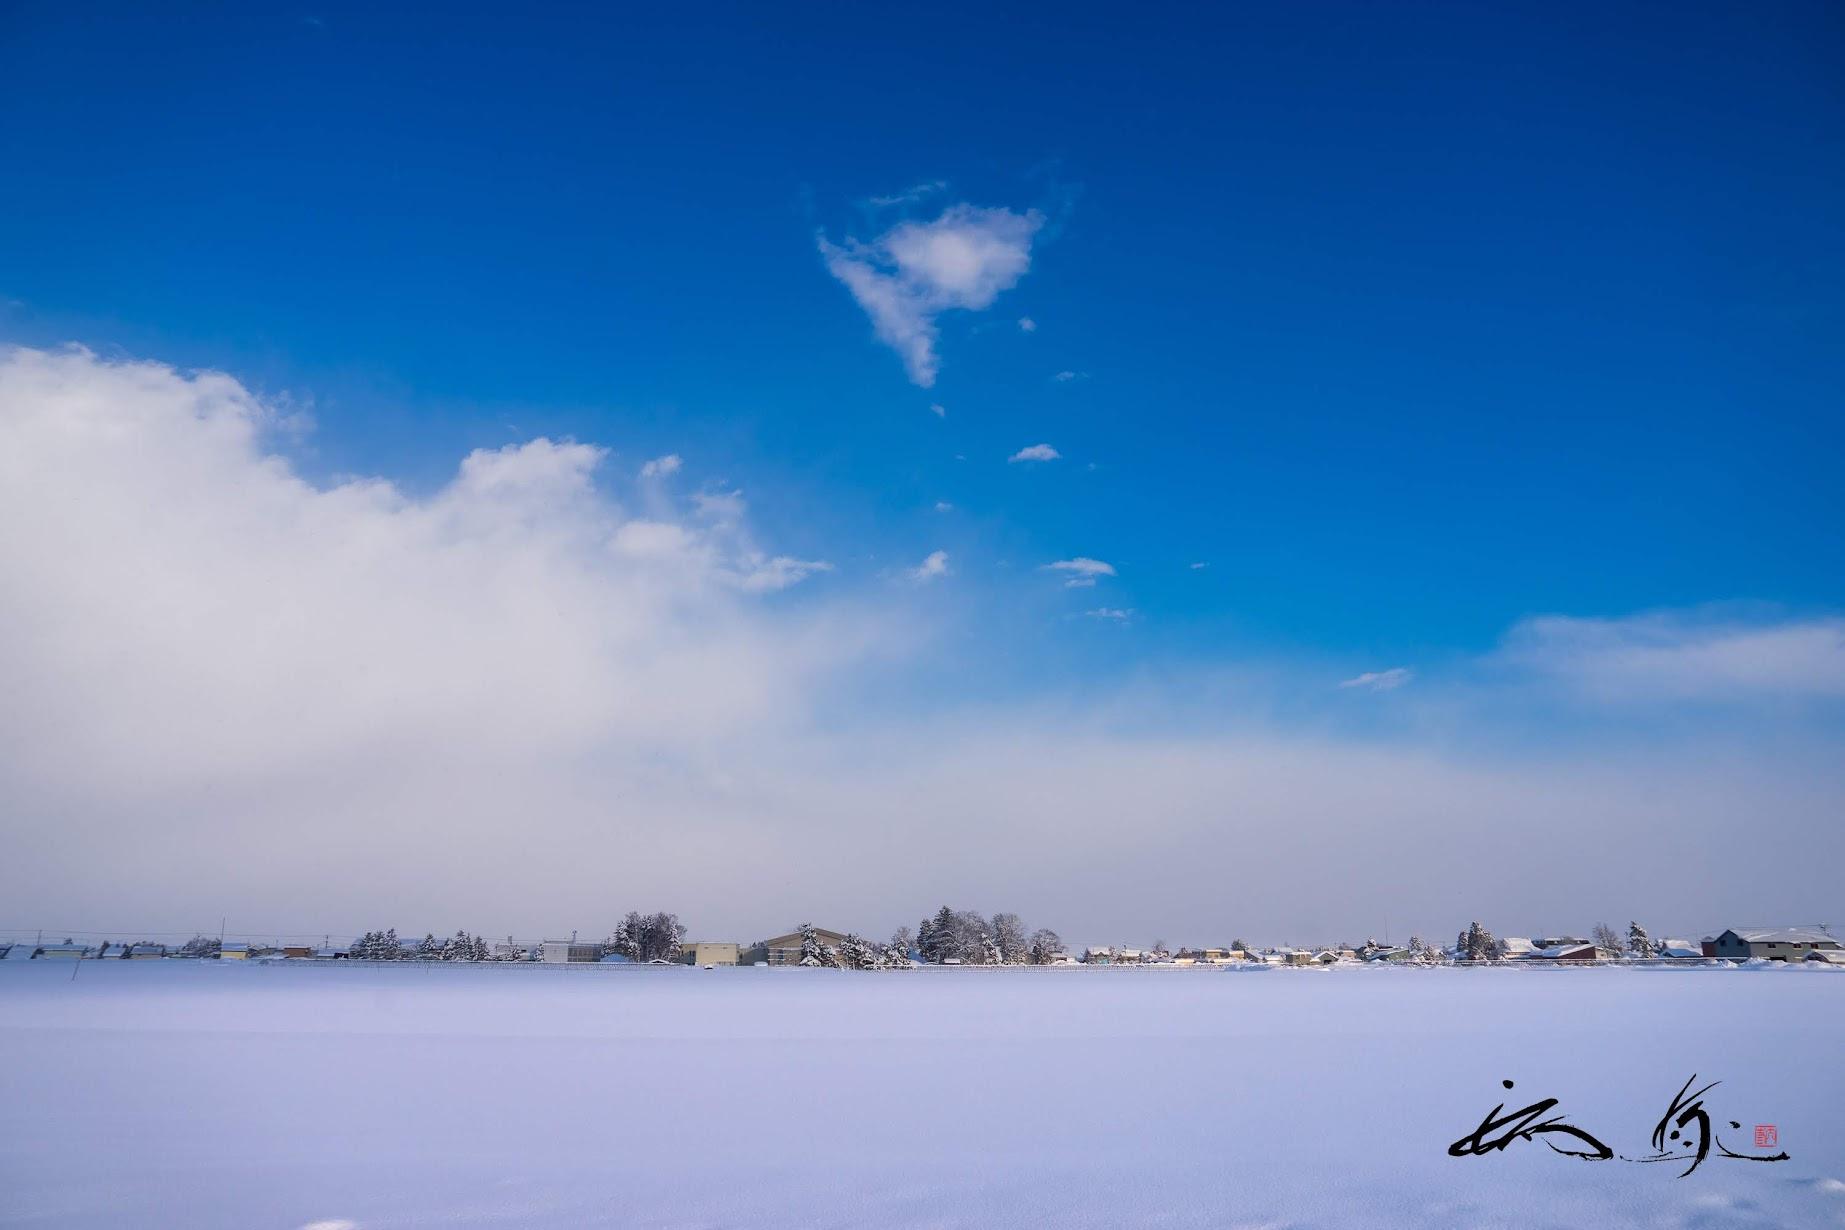 紺瑠璃色の空を舞う白い蝶々雲